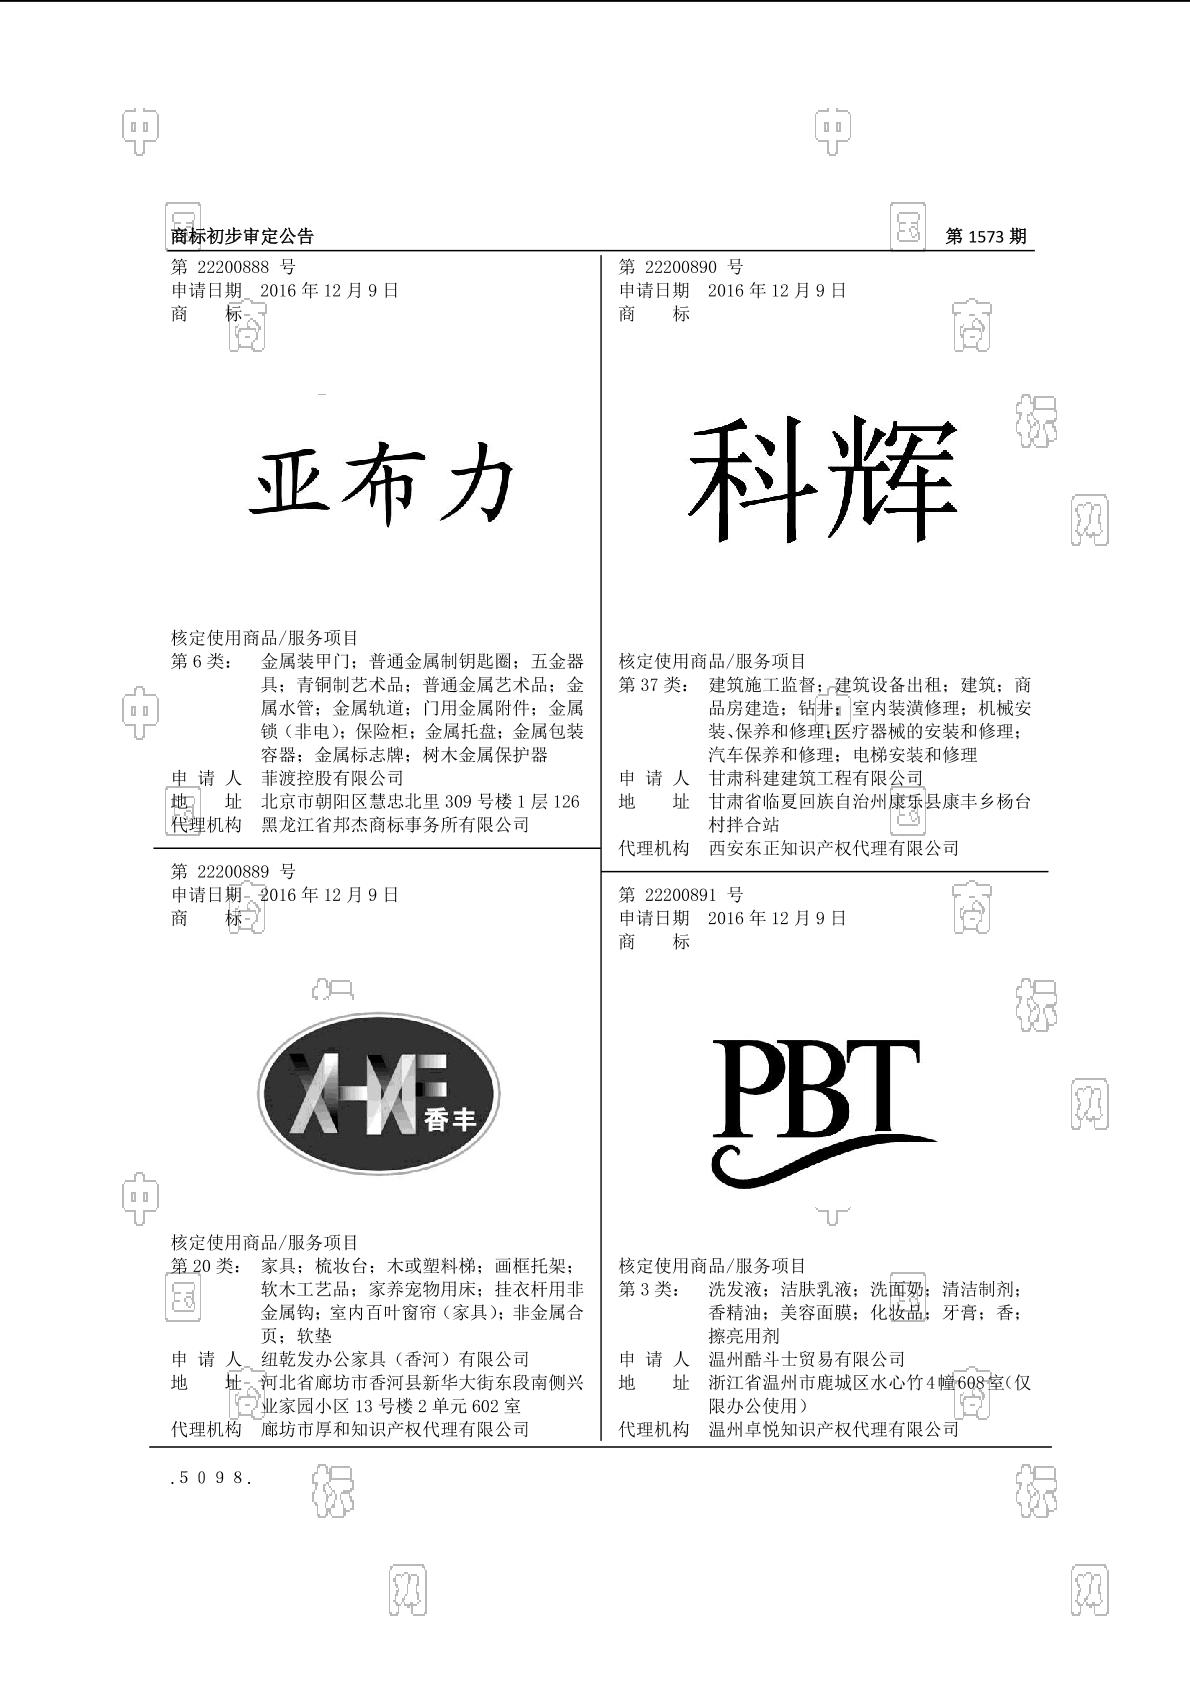 【社标网】PBT商标状态注册号信息 温州酷斗士贸易有限公司商标信息-商标查询